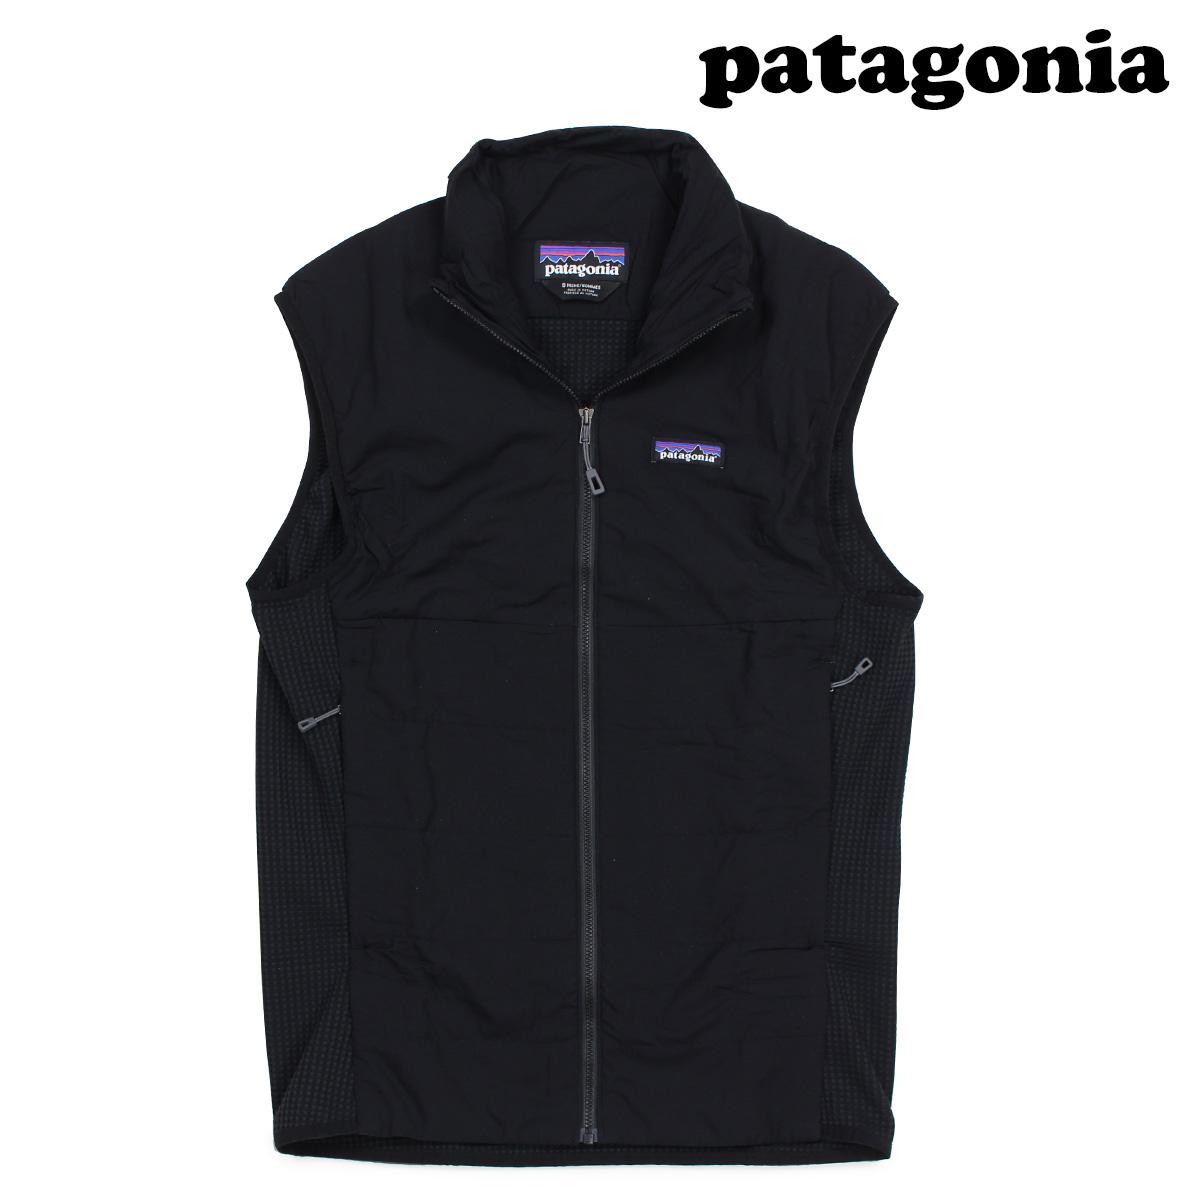 patagonia パタゴニア ダウンベスト メンズ MENS NANO-AIR LIGHT HYBRID VEST ブラック 84355